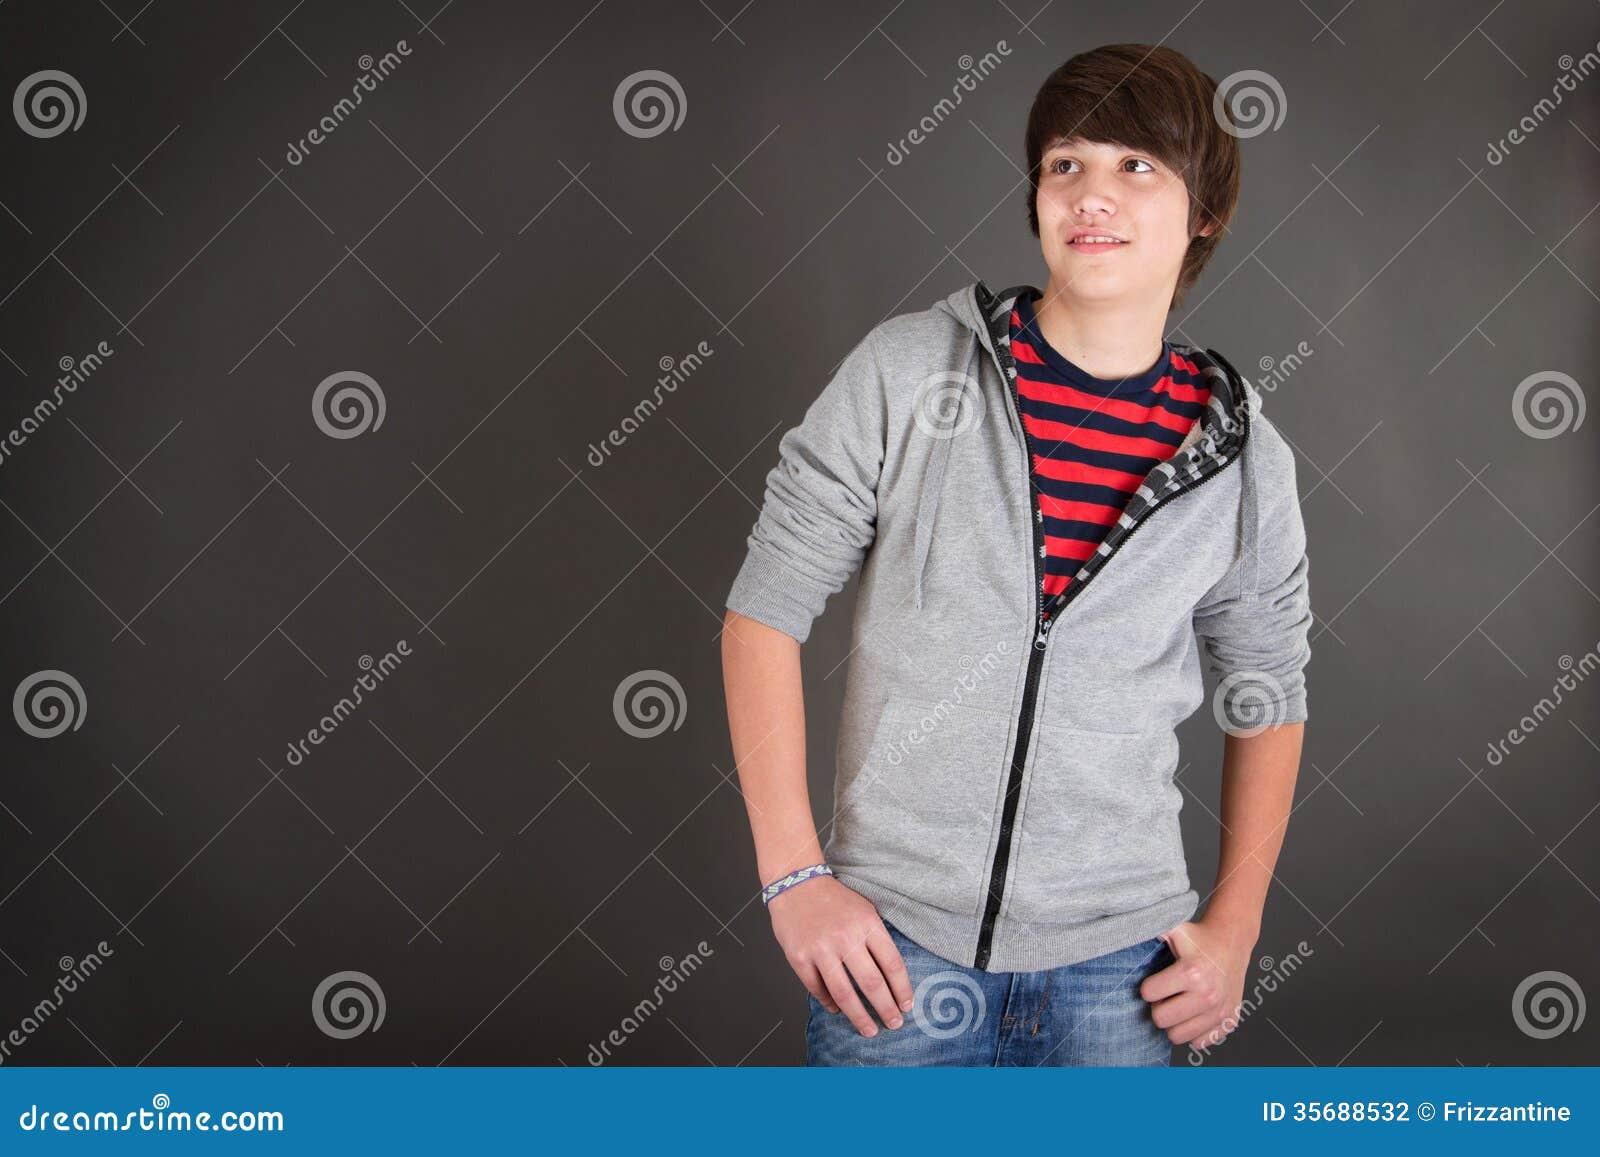 adolescente con ropa ajustada - ratsercom